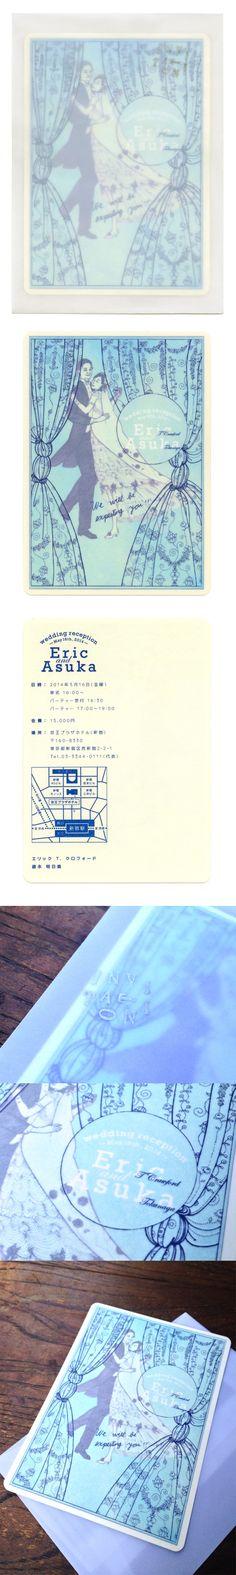 shun yonemura E&A_wedding invitation It Works, Wedding Invitations, Graphic Design, Frame, Home Decor, Picture Frame, Decoration Home, Room Decor, Wedding Invitation Cards